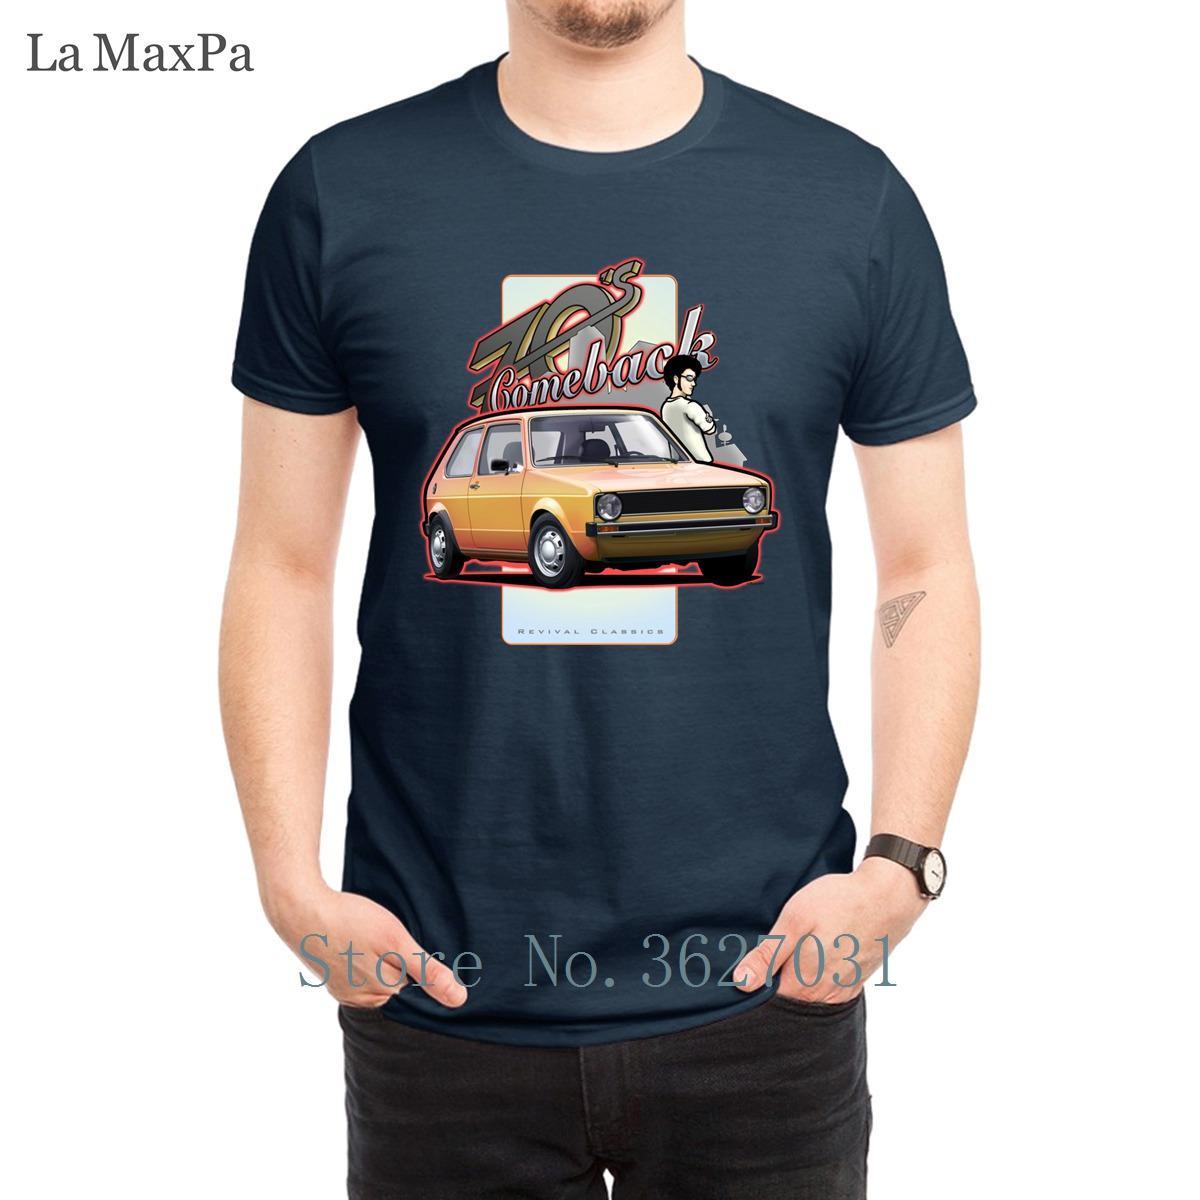 Creare Equipaggiata Costume nuovi taglie forti 3XL T shirt per Uomo di Hip Hop della novità T Shirt Comeback 70s auto T-shirt Mens